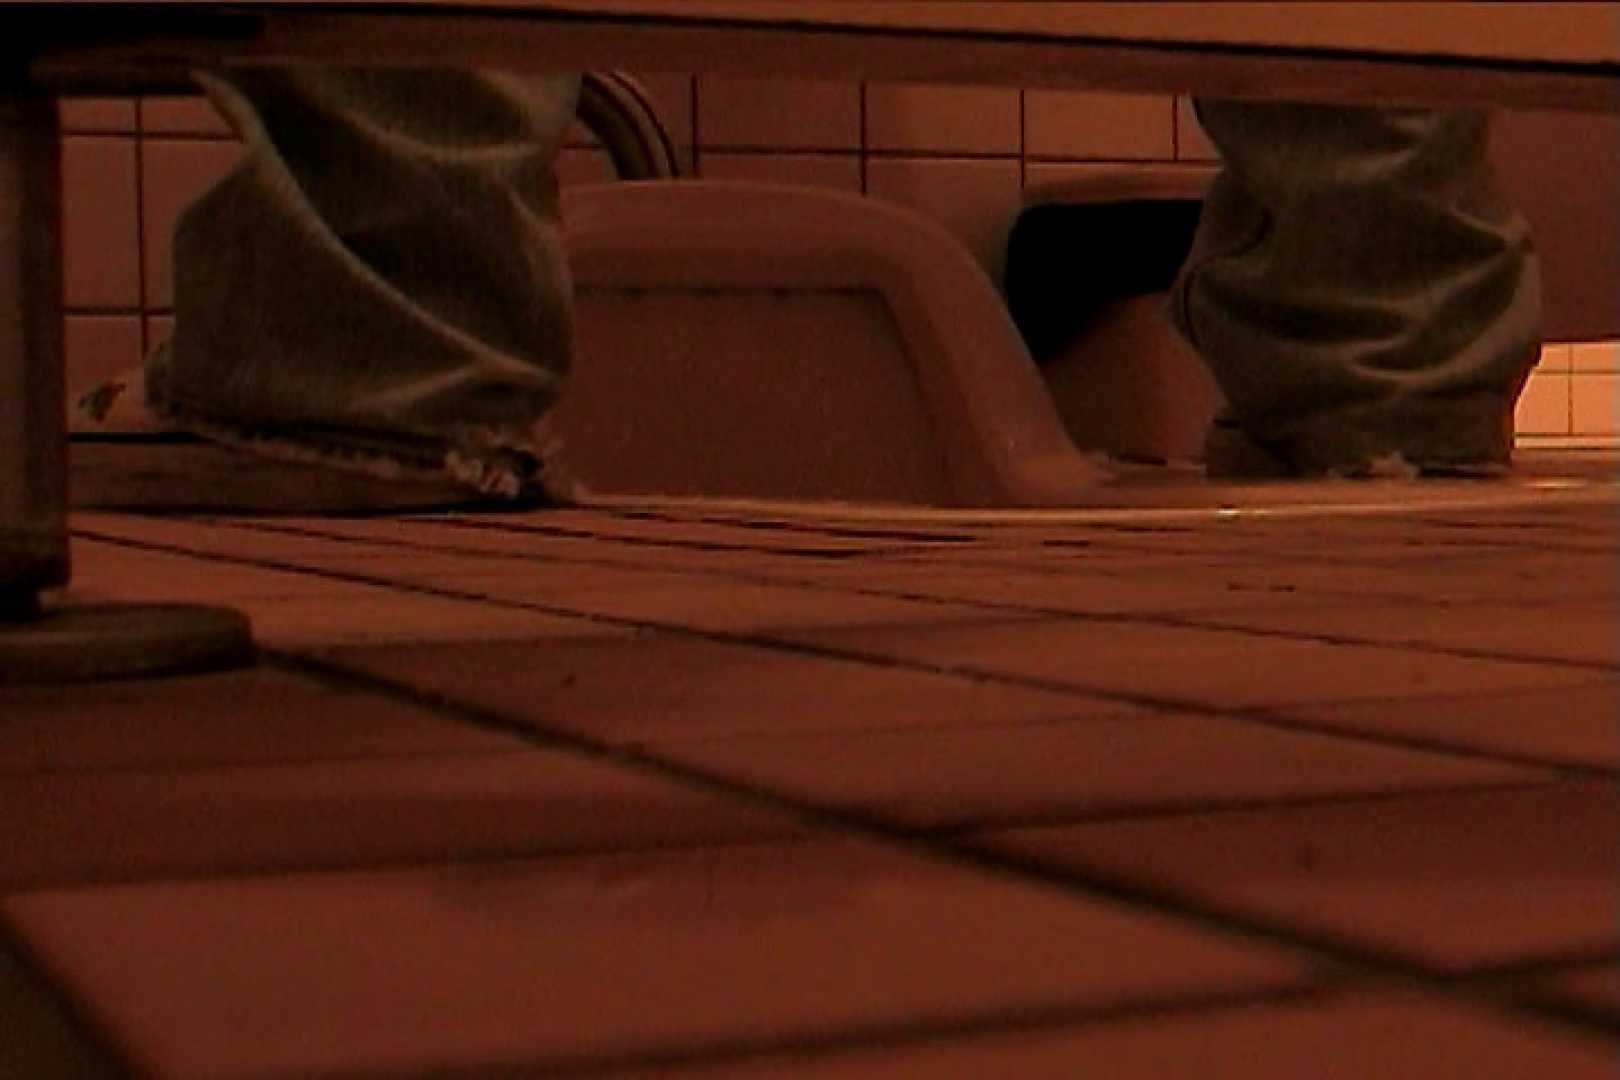 マンコ丸見え女子洗面所Vol.43 洗面所 盗撮われめAV動画紹介 47pic 47